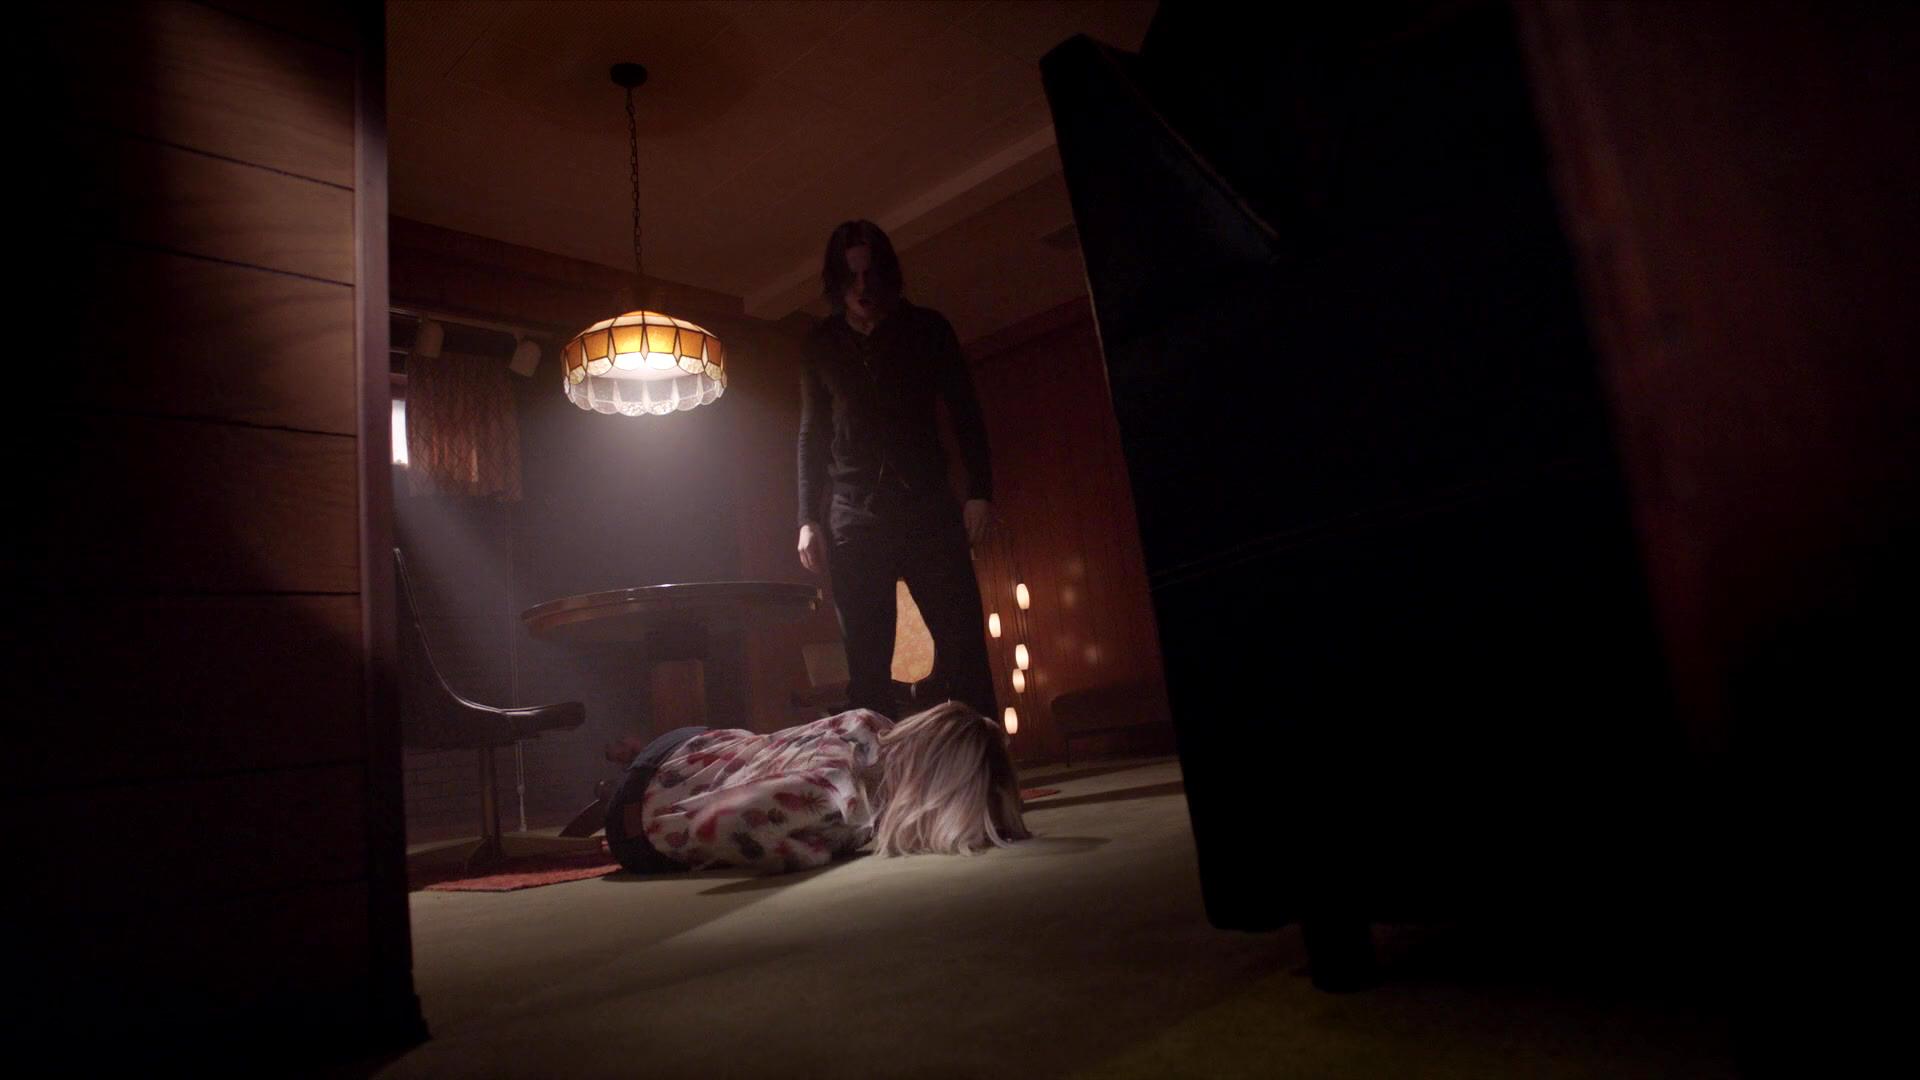 American_Horror_Story_S07E03_Neighbors_from_Hell_1080p_KISSTHEMGOODBYE_NET_1669-LRCC-v1.jpg